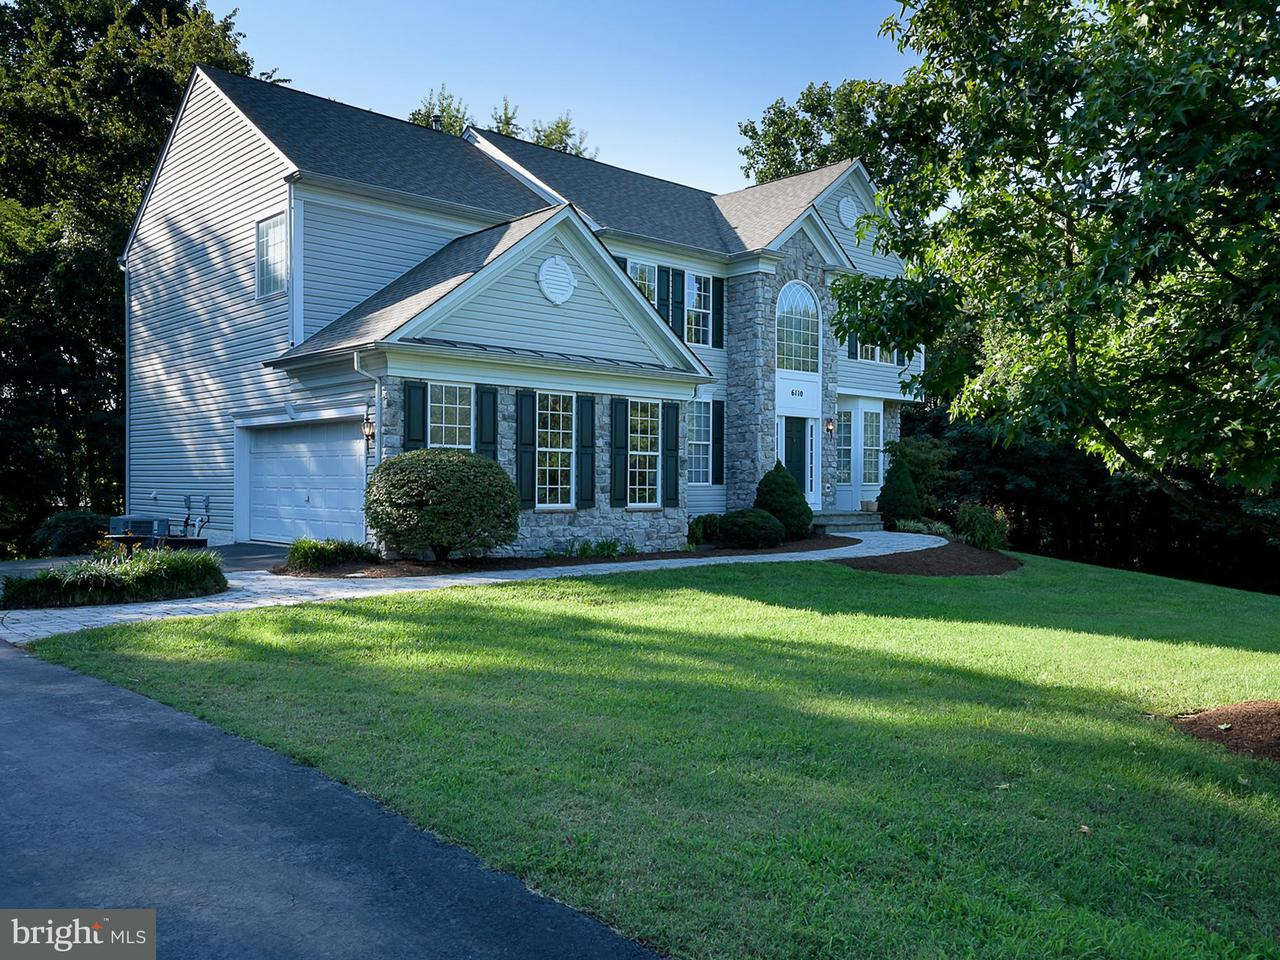 Maison unifamiliale pour l Vente à 6110 TRACEYS OVERLOOK Road 6110 TRACEYS OVERLOOK Road Tracys Landing, Maryland 20779 États-Unis